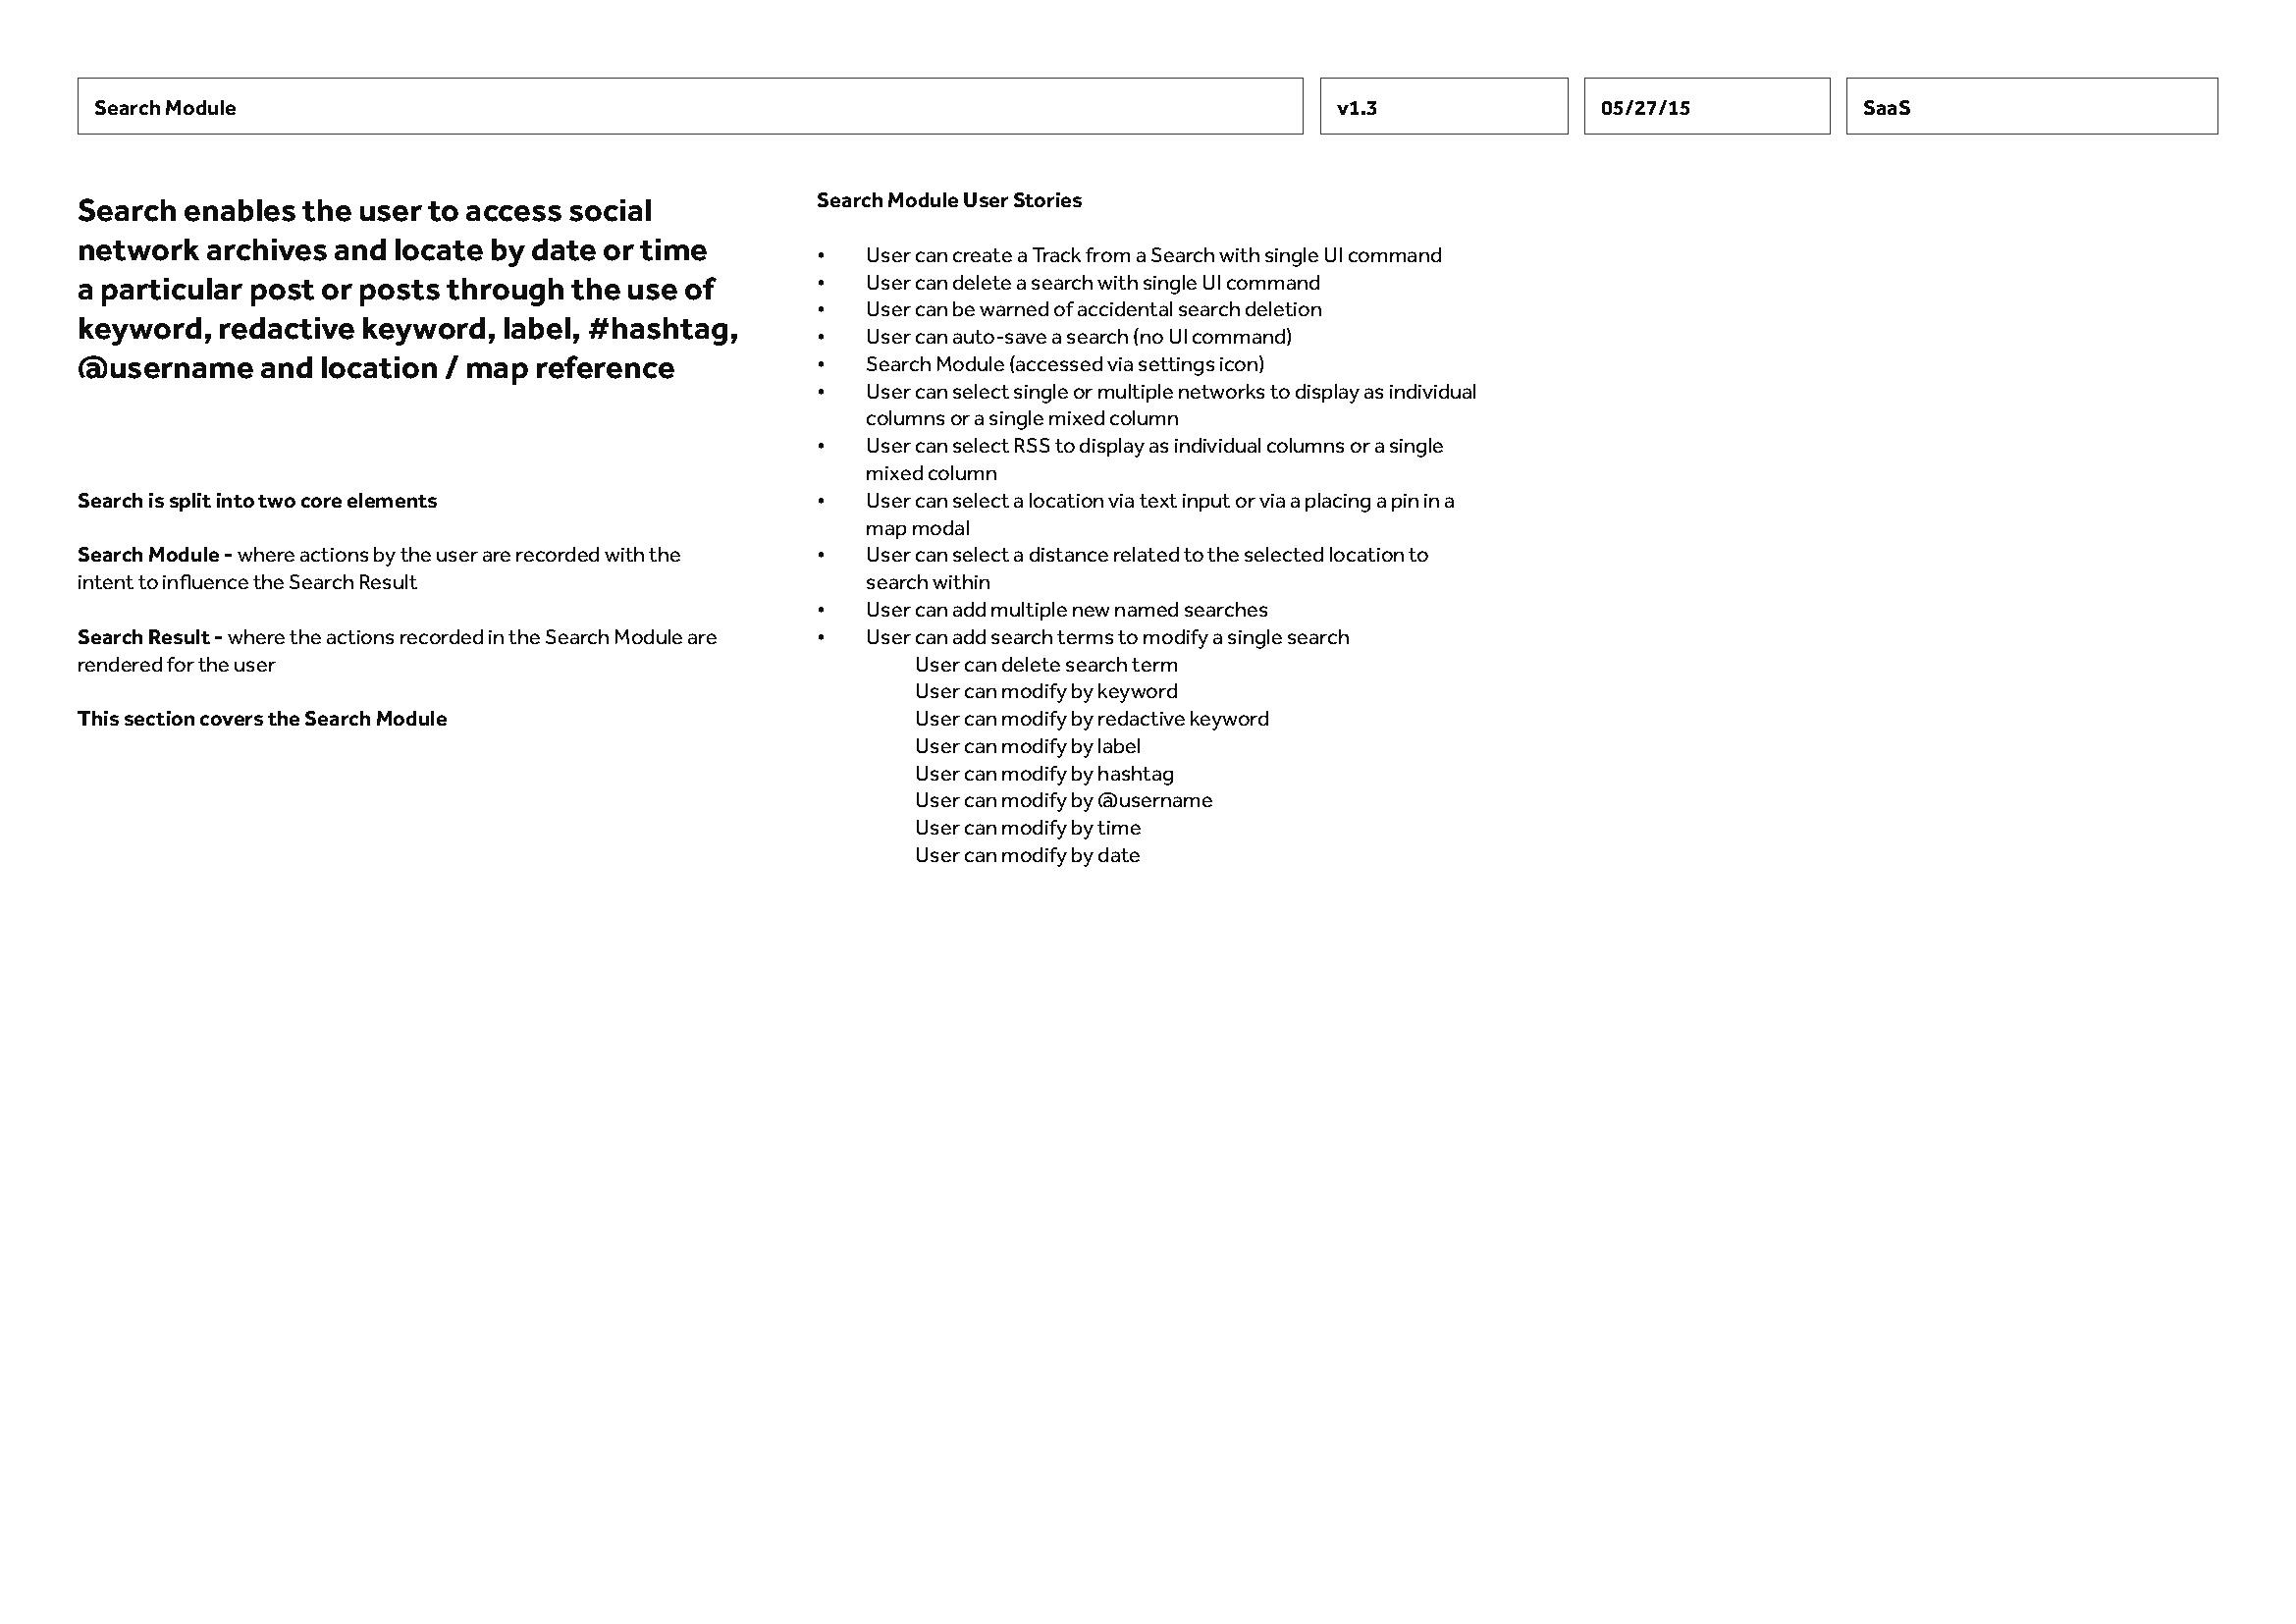 sonr_UXManual_v1.3_Page_01.jpg